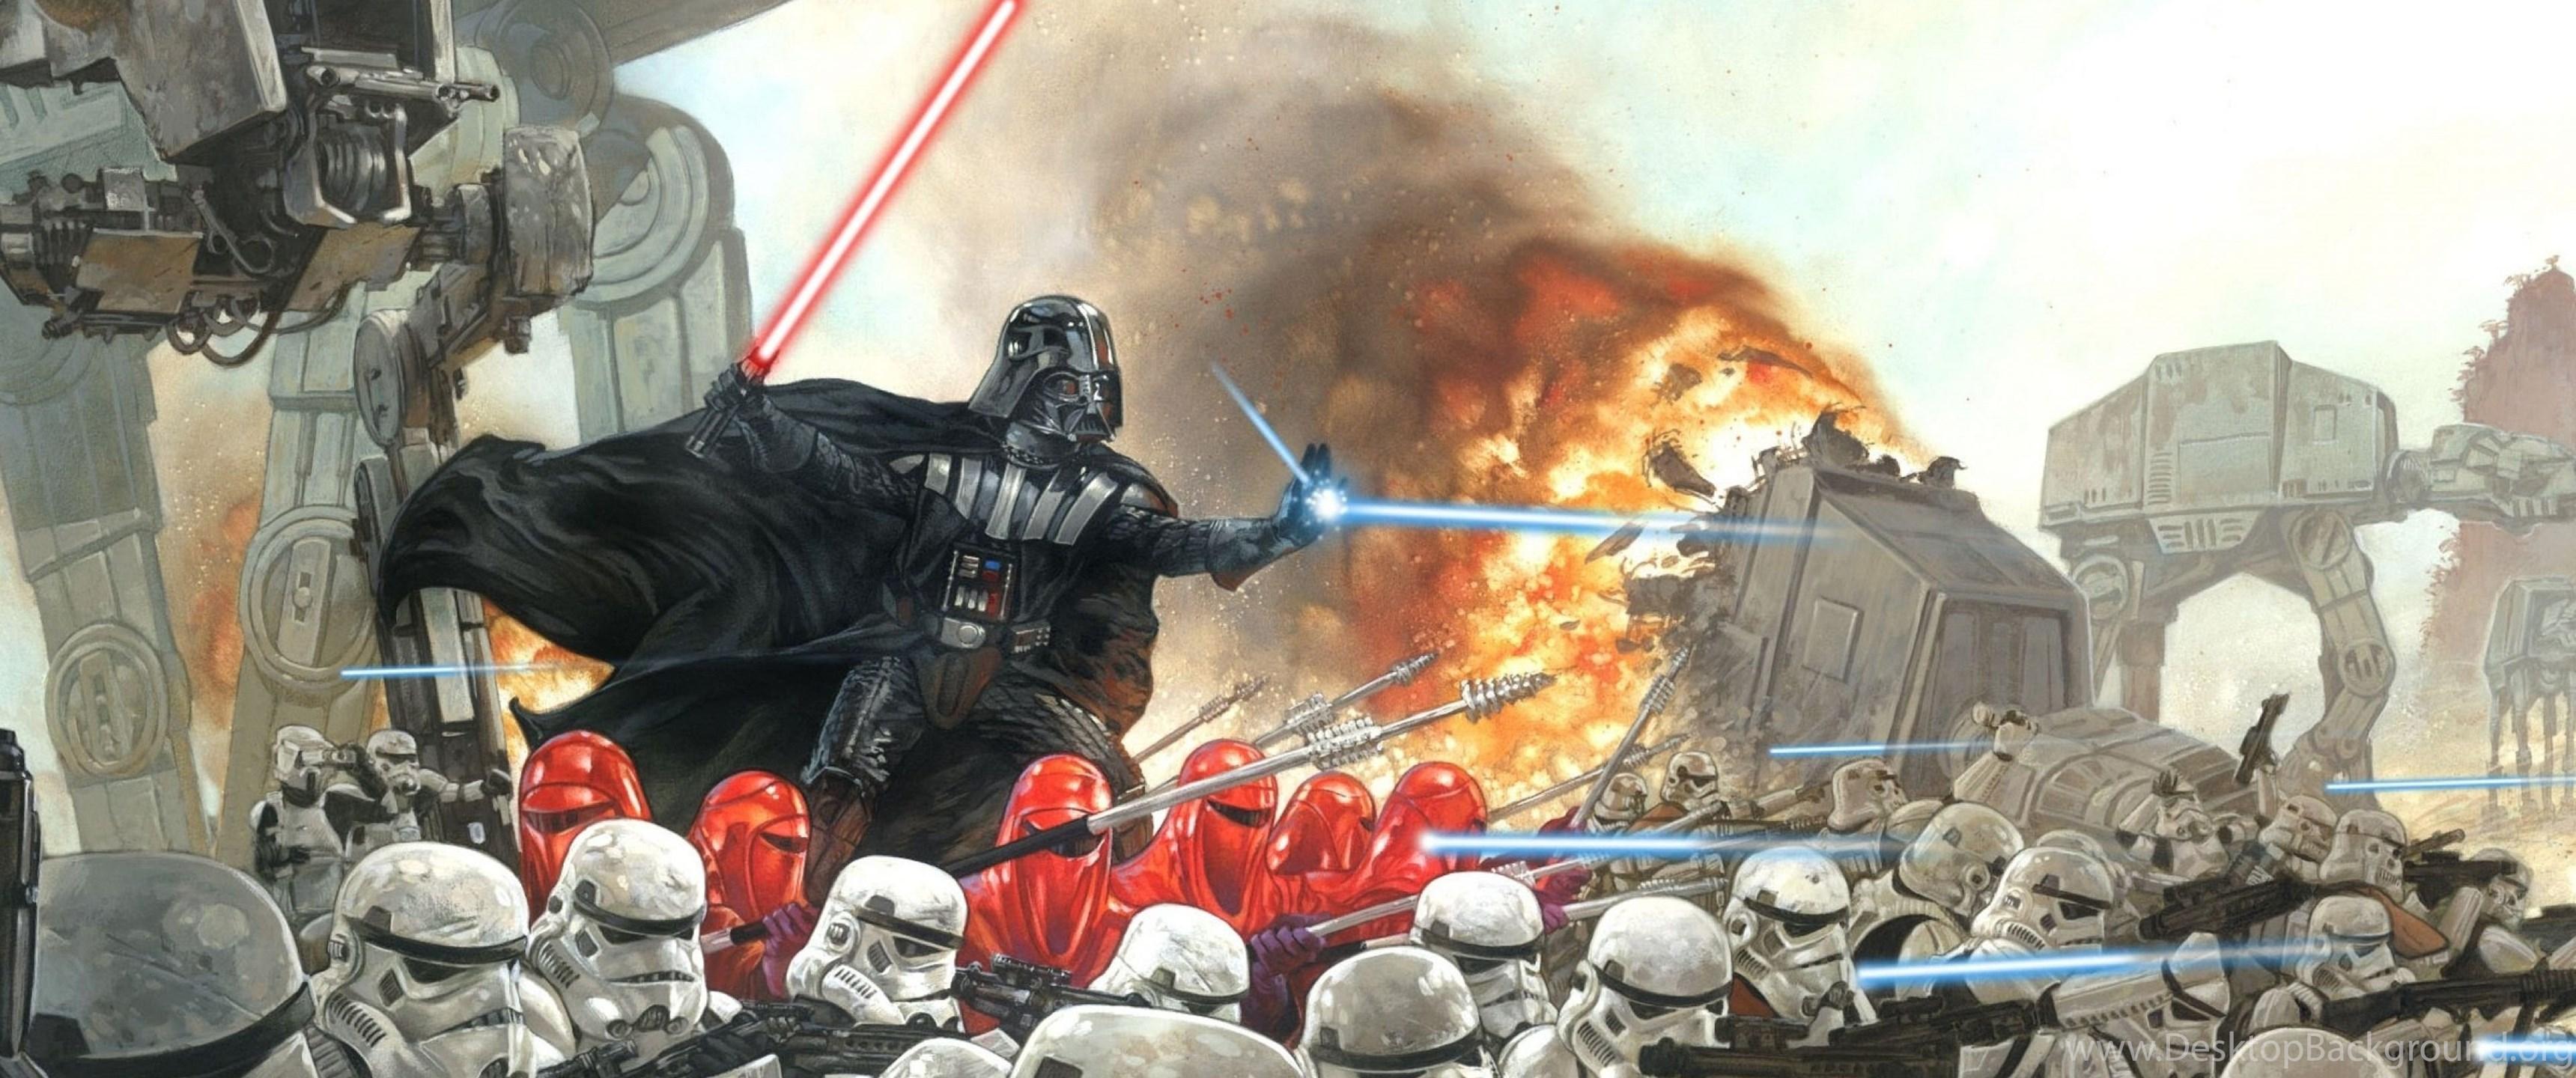 4K Ultra HD Star Wars Wallpapers HD, Desktop Backgrounds